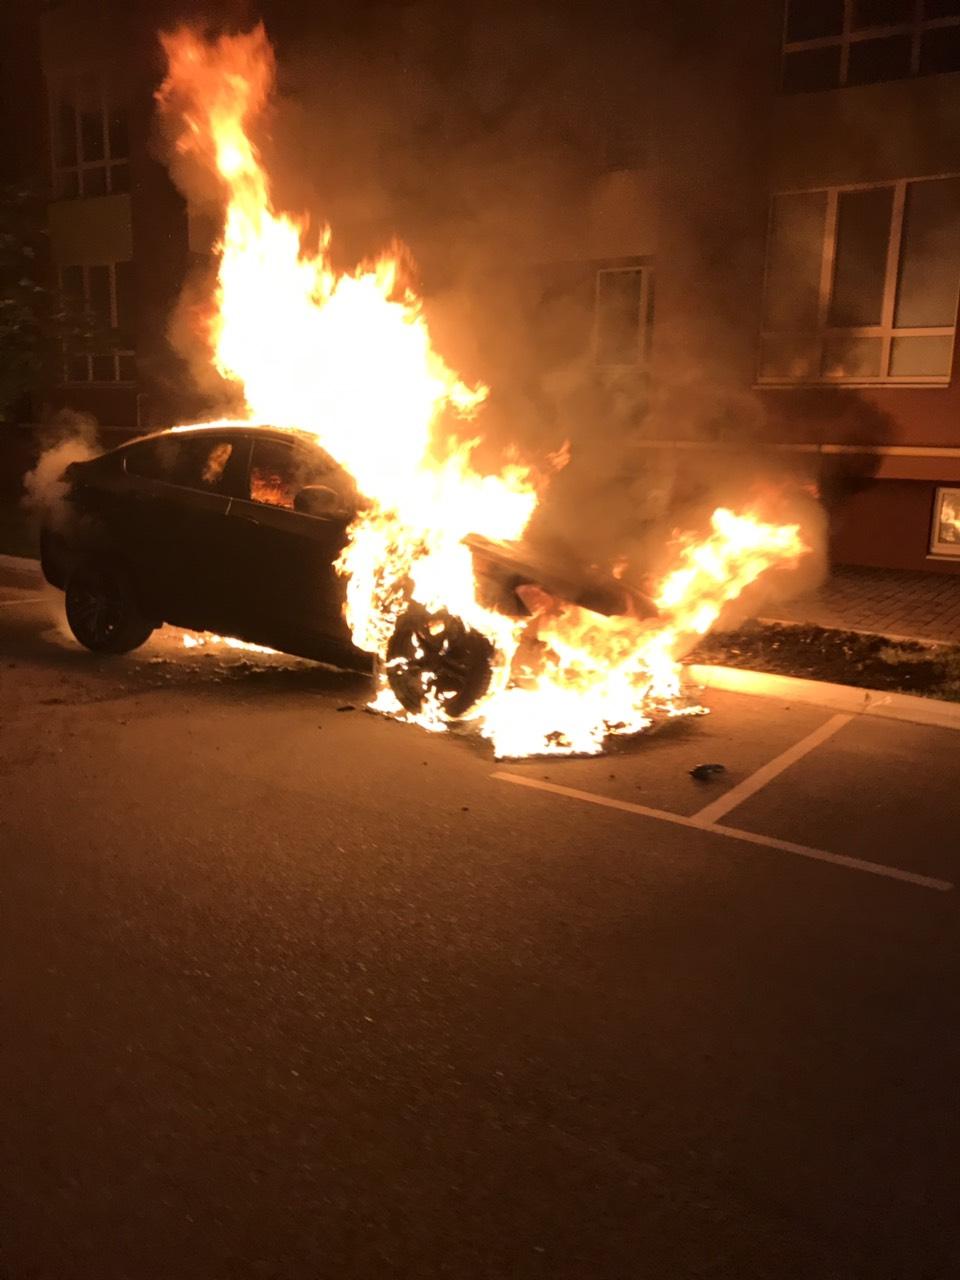 У Софіївській Борщагівці згоріло авто - 16.08.2019 -  - yzobrazhenye viber 2019 08 16 09 32 00